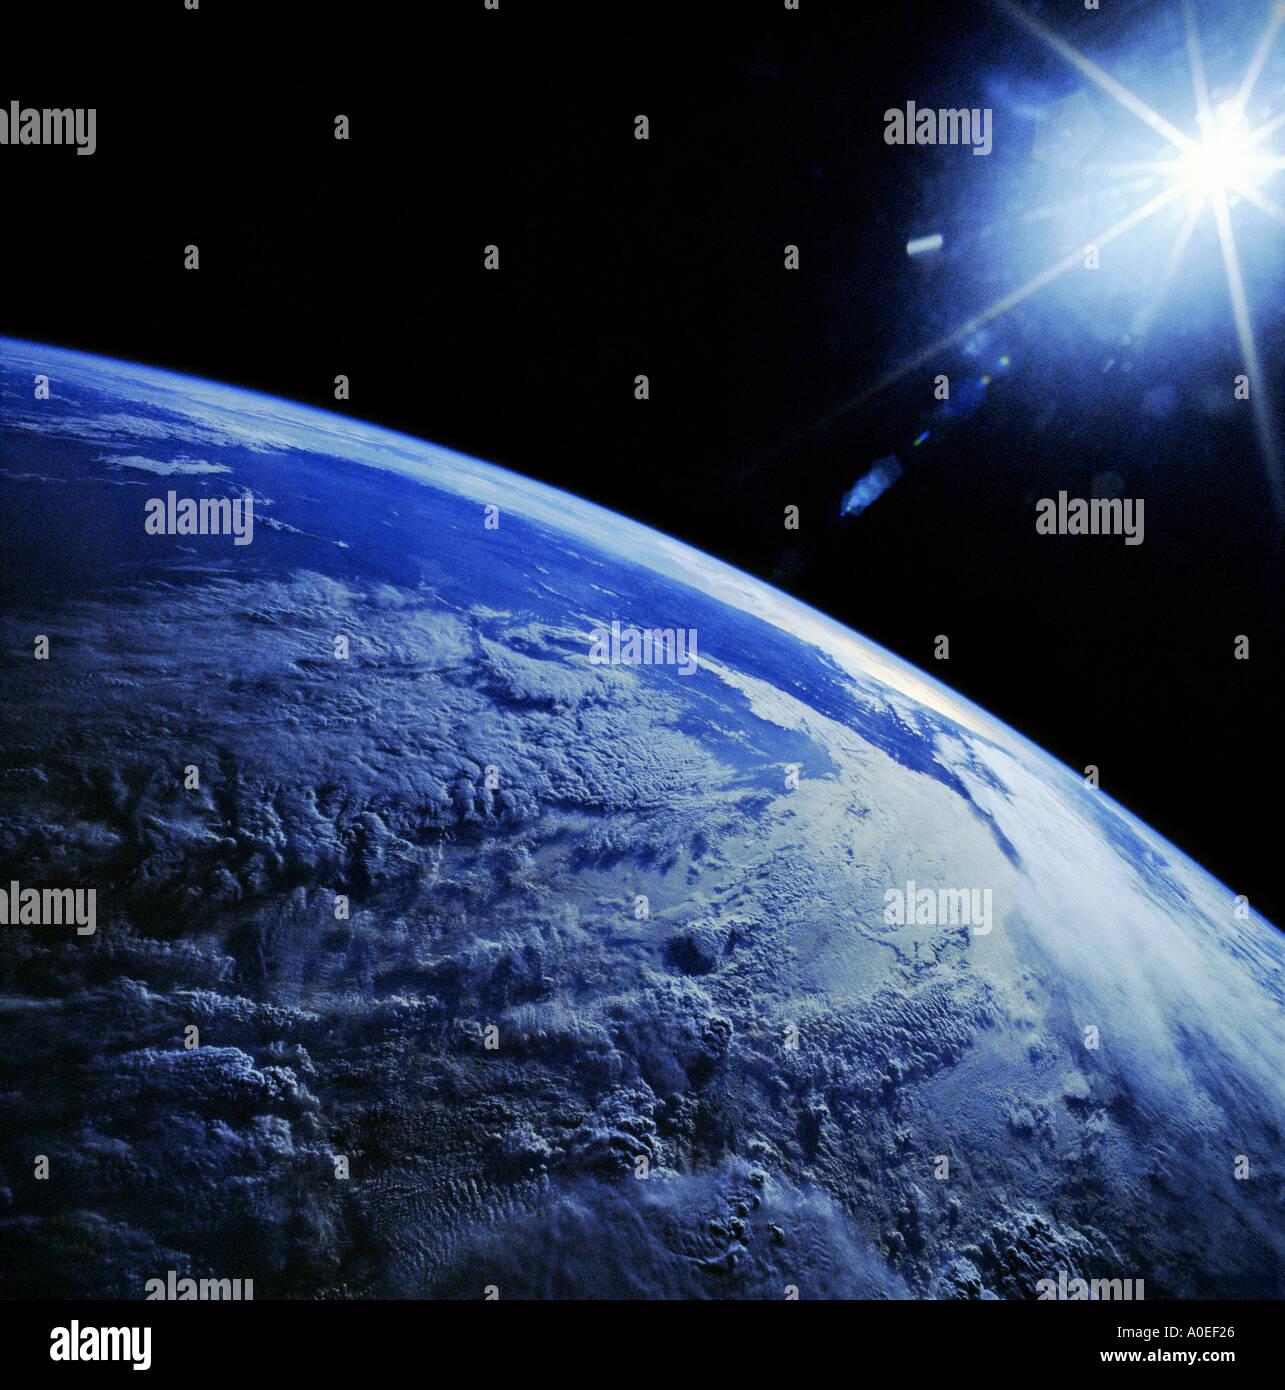 La tierra desde el espacio Imagen De Stock